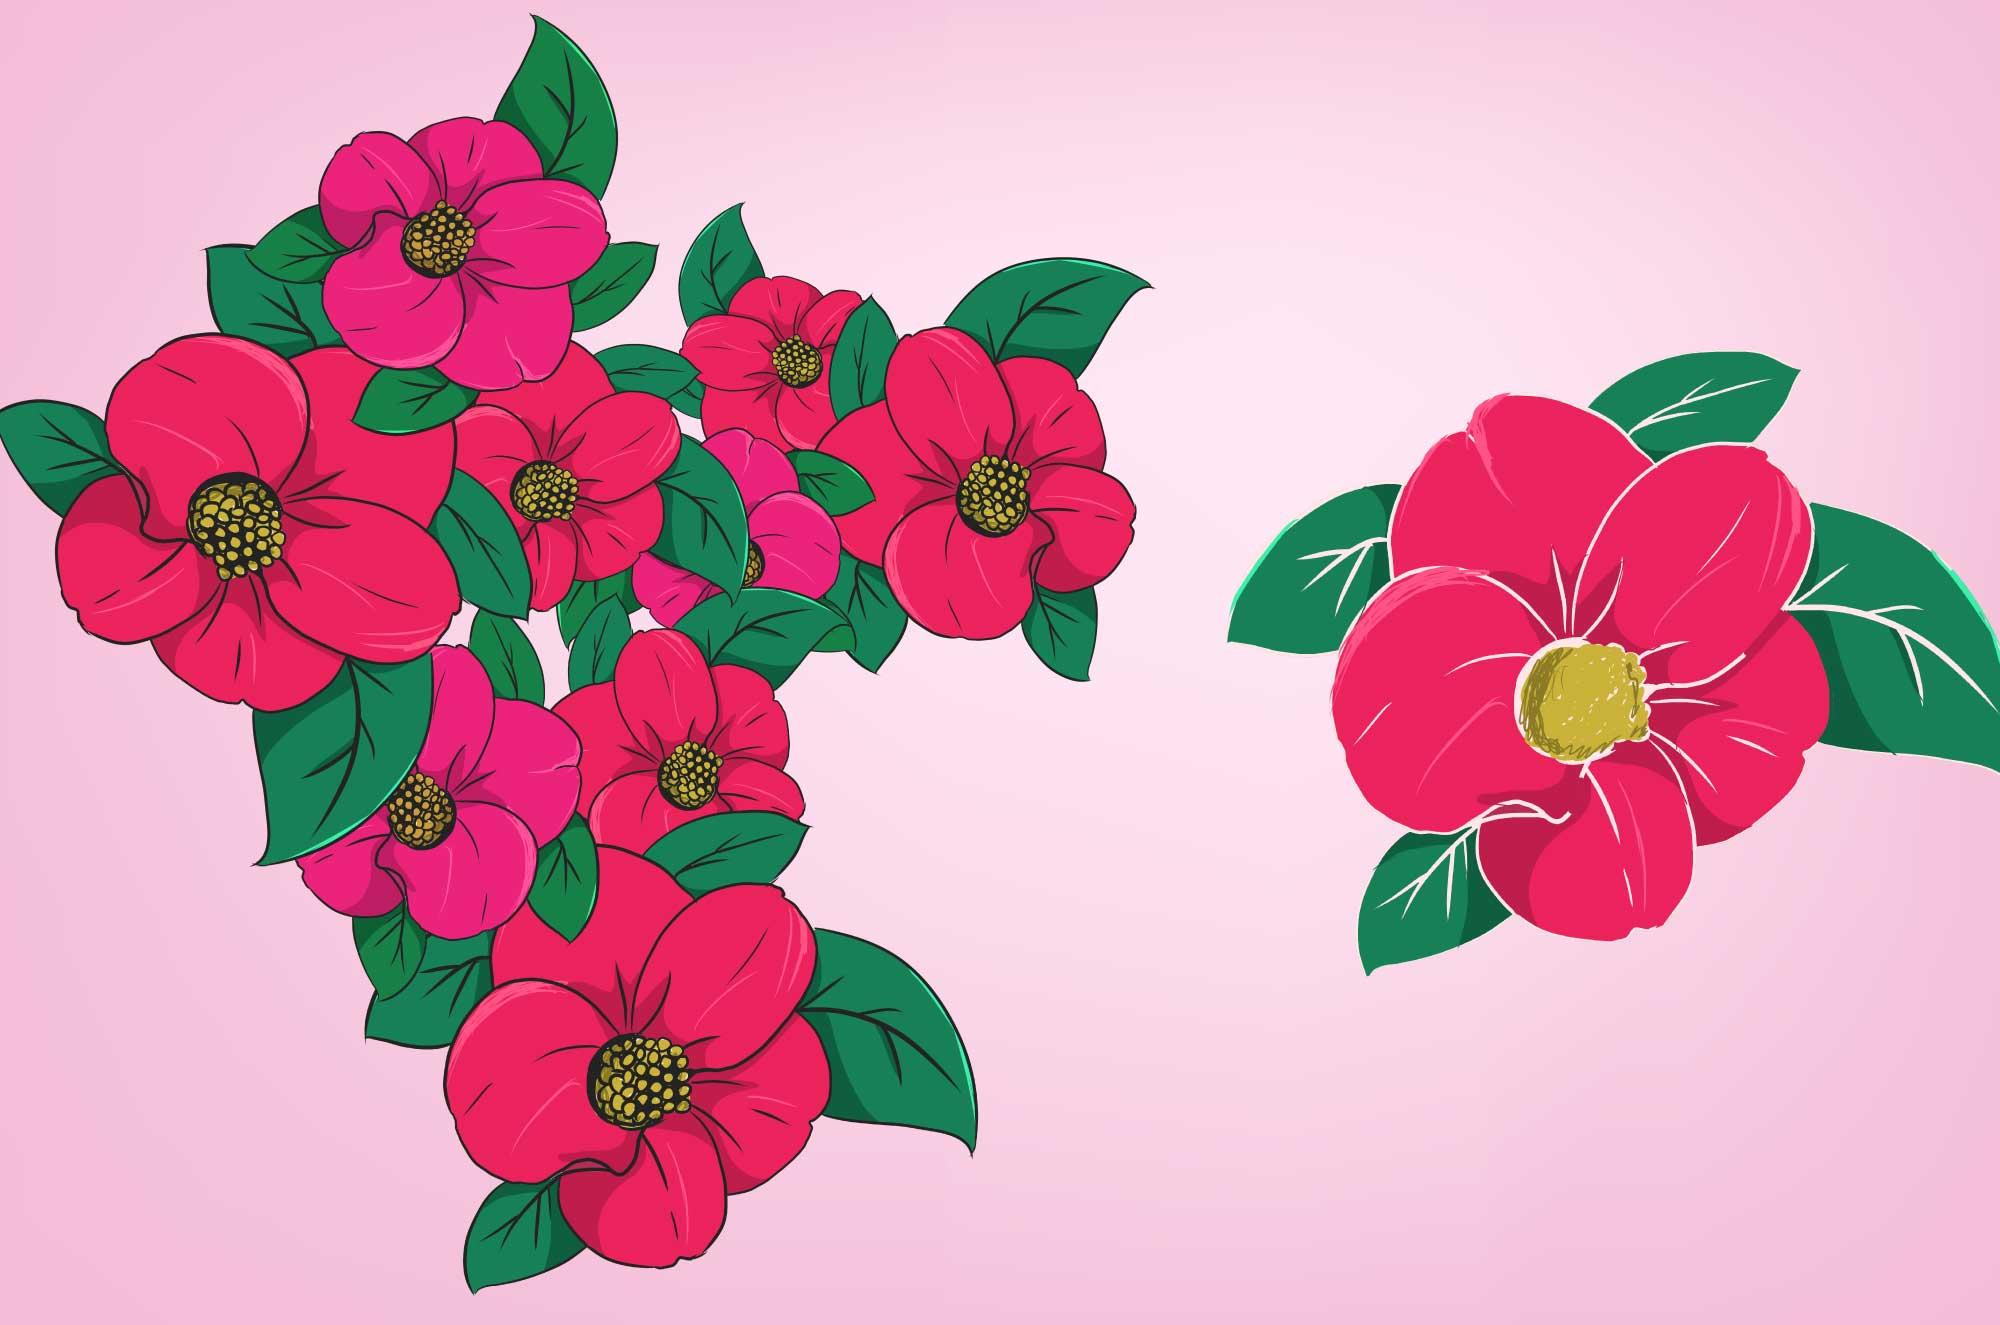 椿ツバキの無料イラスト 綺麗なお花のフリー素材 チコデザ